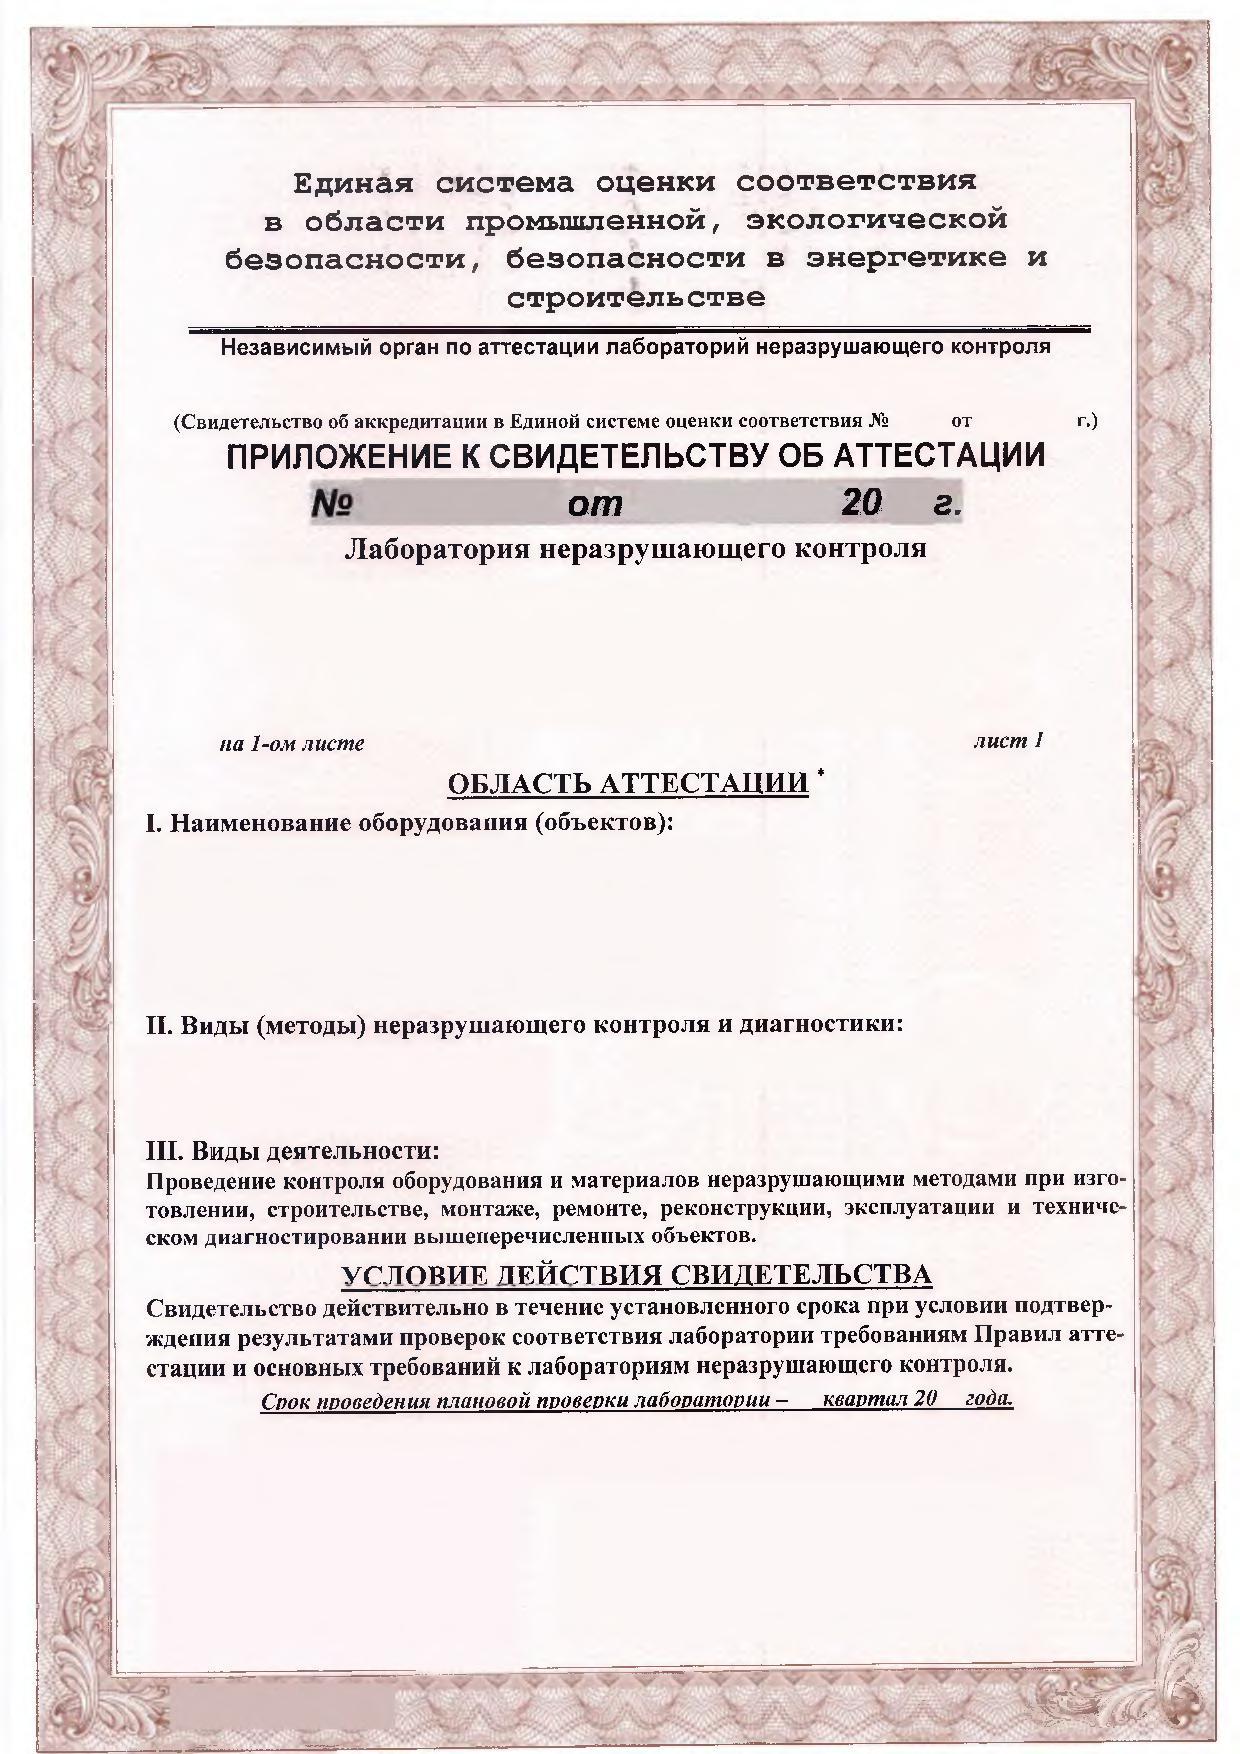 договор аренды лаборатории неразрушающего контроля образец